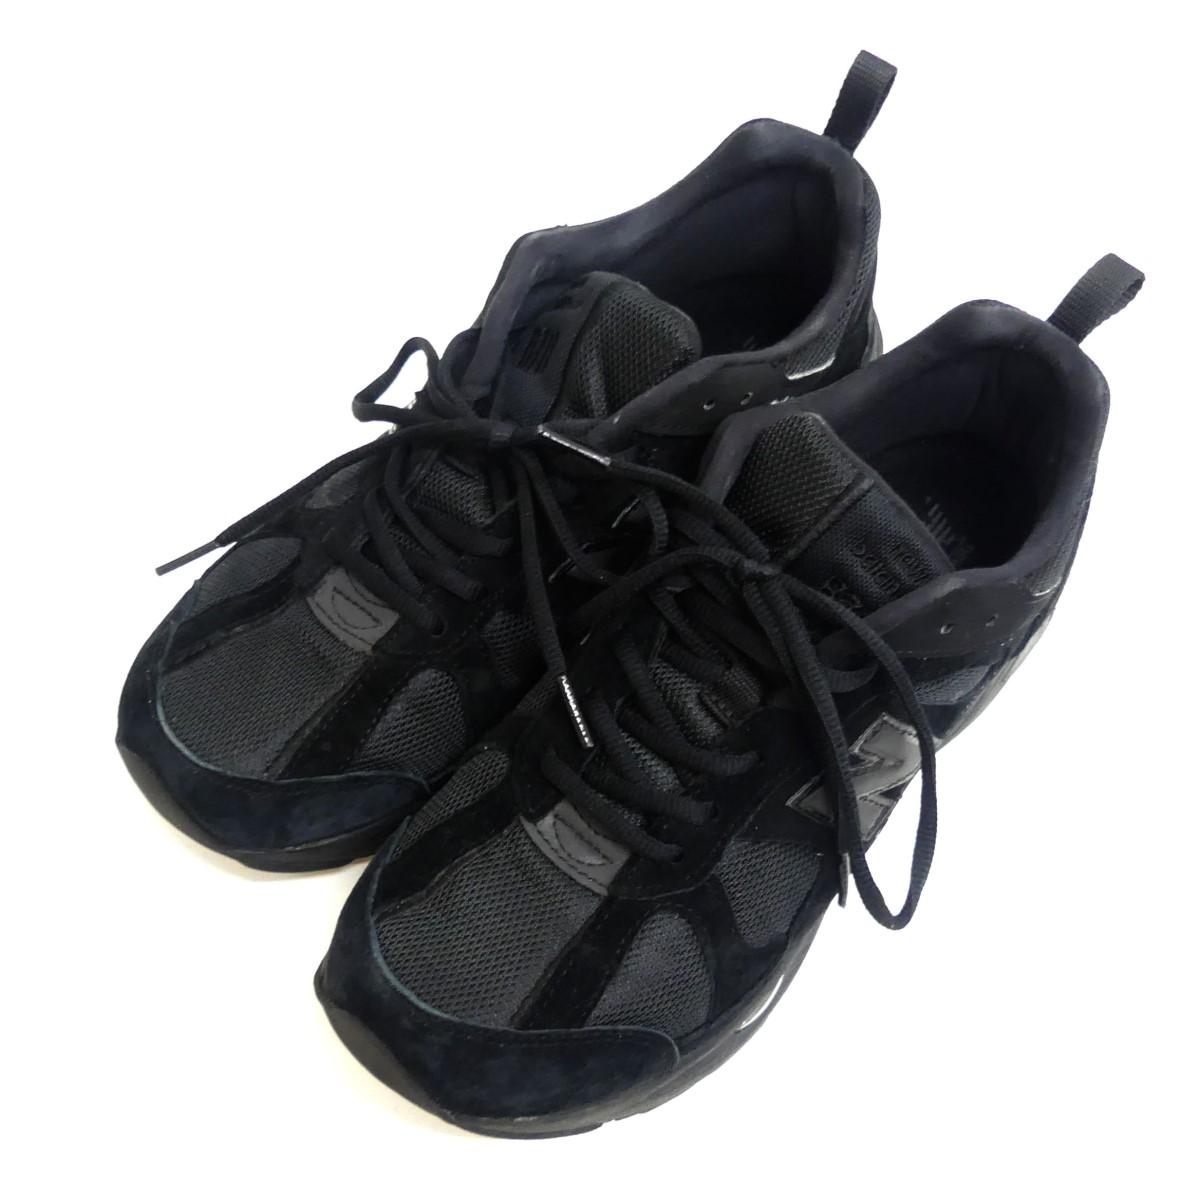 【中古】NEW BALANCE CM878XL LIMITED EDITION スニーカー ブラック サイズ:US 9(27.0cm) 【060120】(ニューバランス)